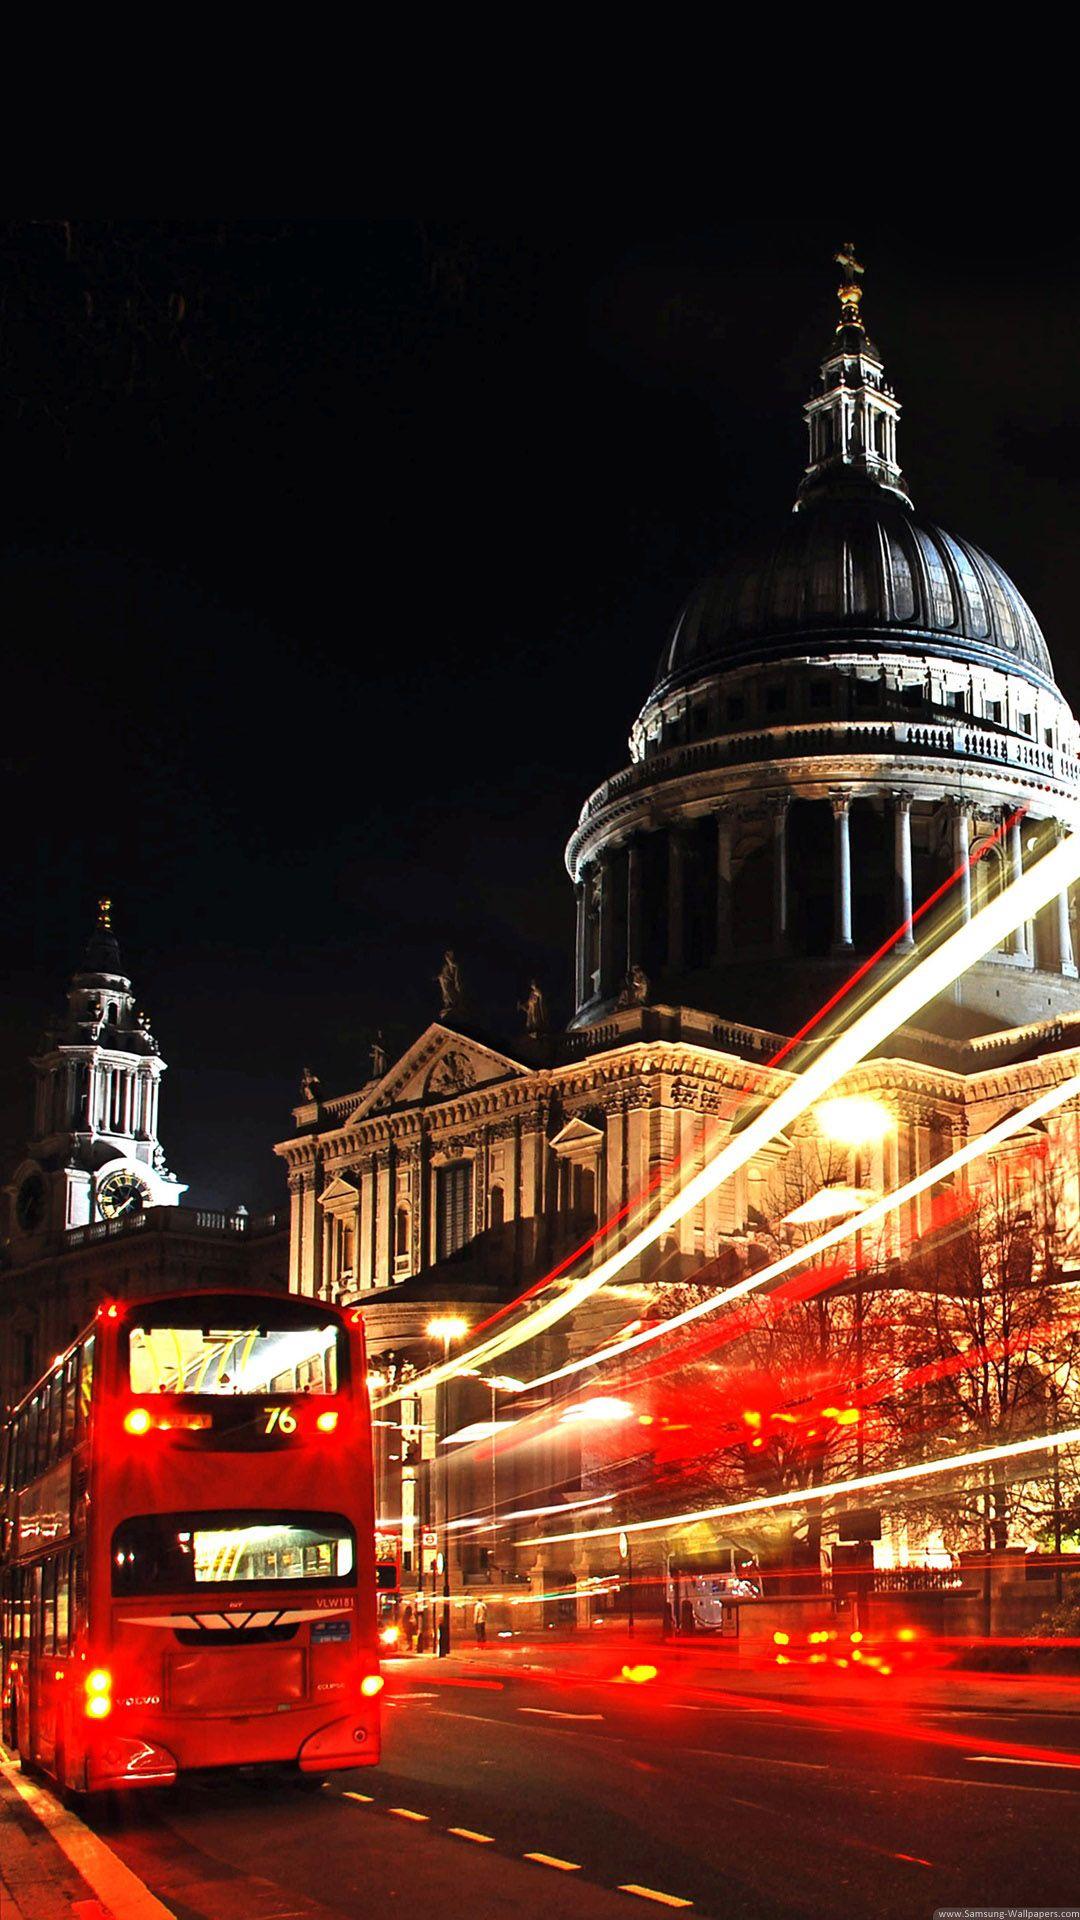 iPhone için Duvar Kağıdı 49 Londra, Seyahat, Duvar kağıdı